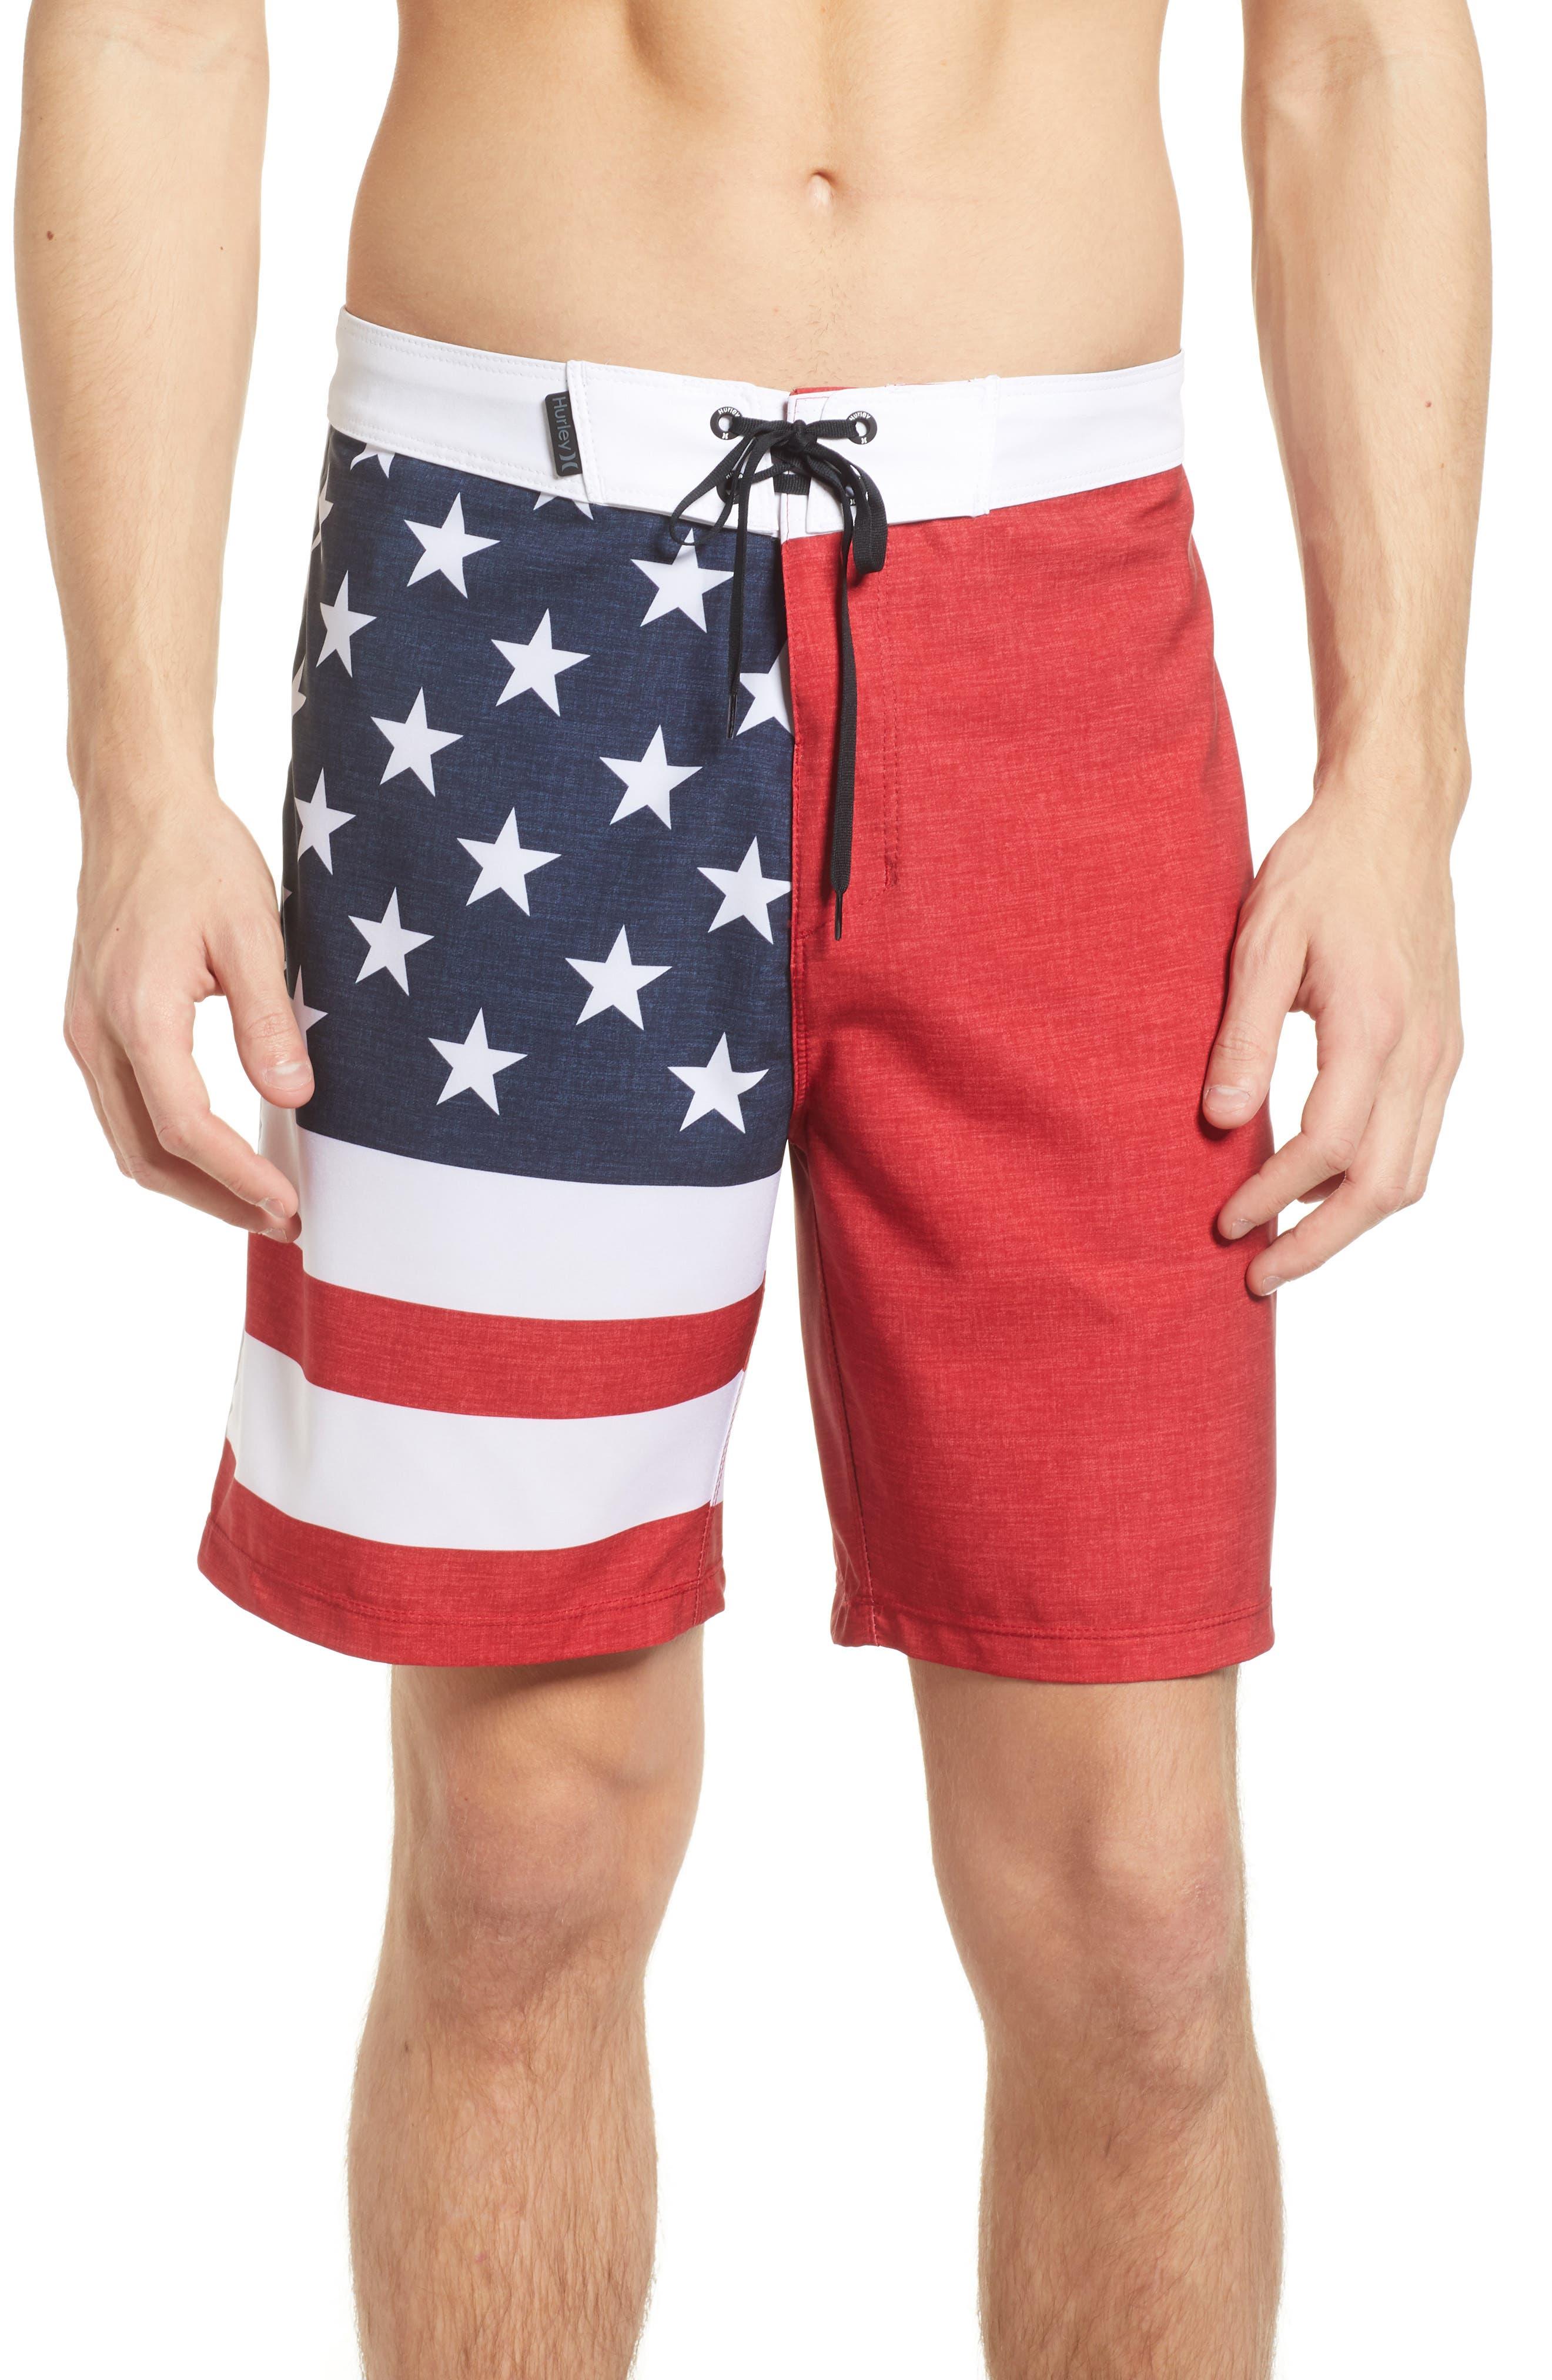 Phantom Cheers Board Shorts,                             Main thumbnail 1, color,                             Gym Red